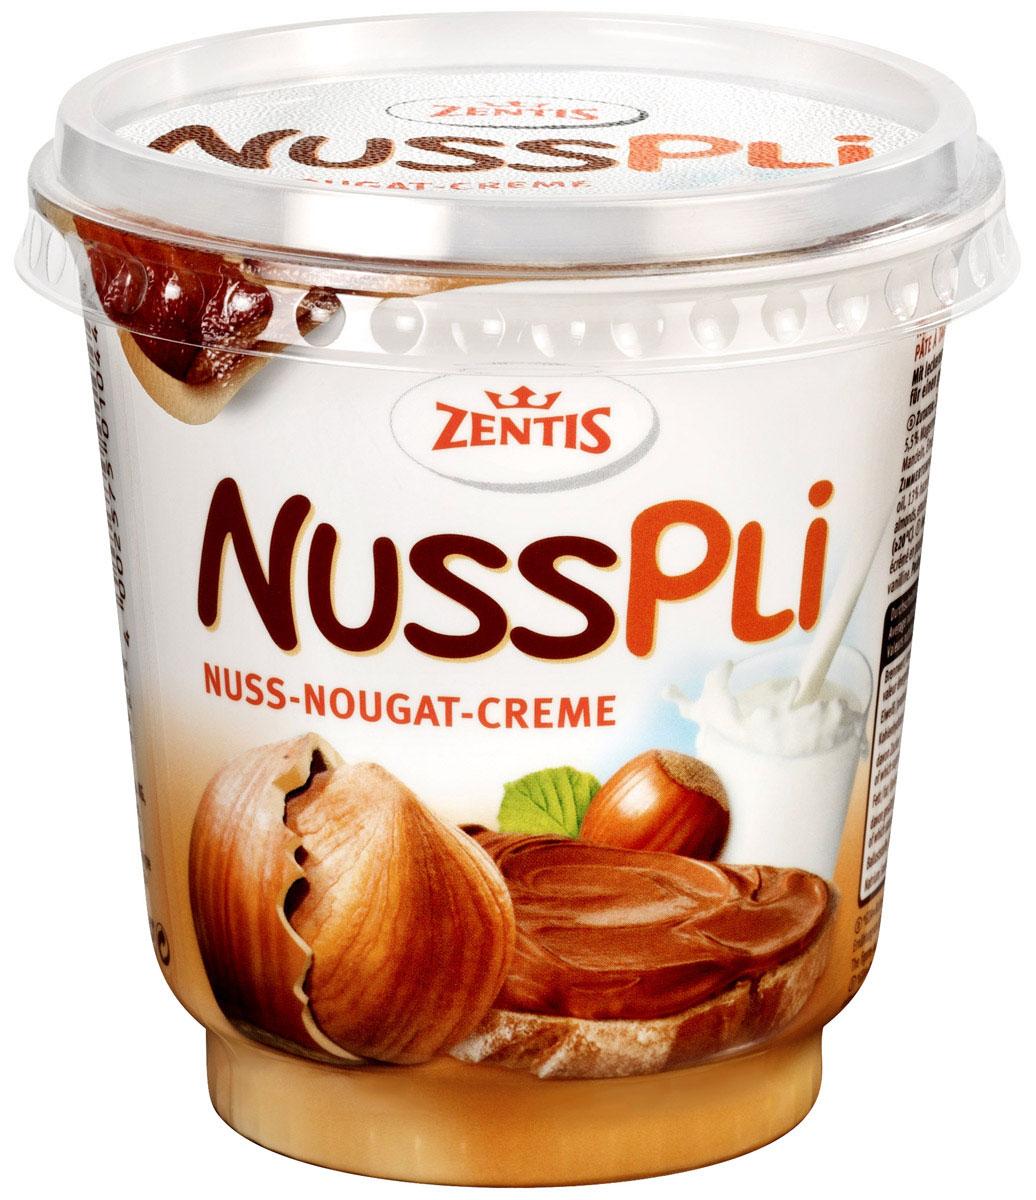 Zentis Nusspli ореховая паста с добавлением какао, 400 г